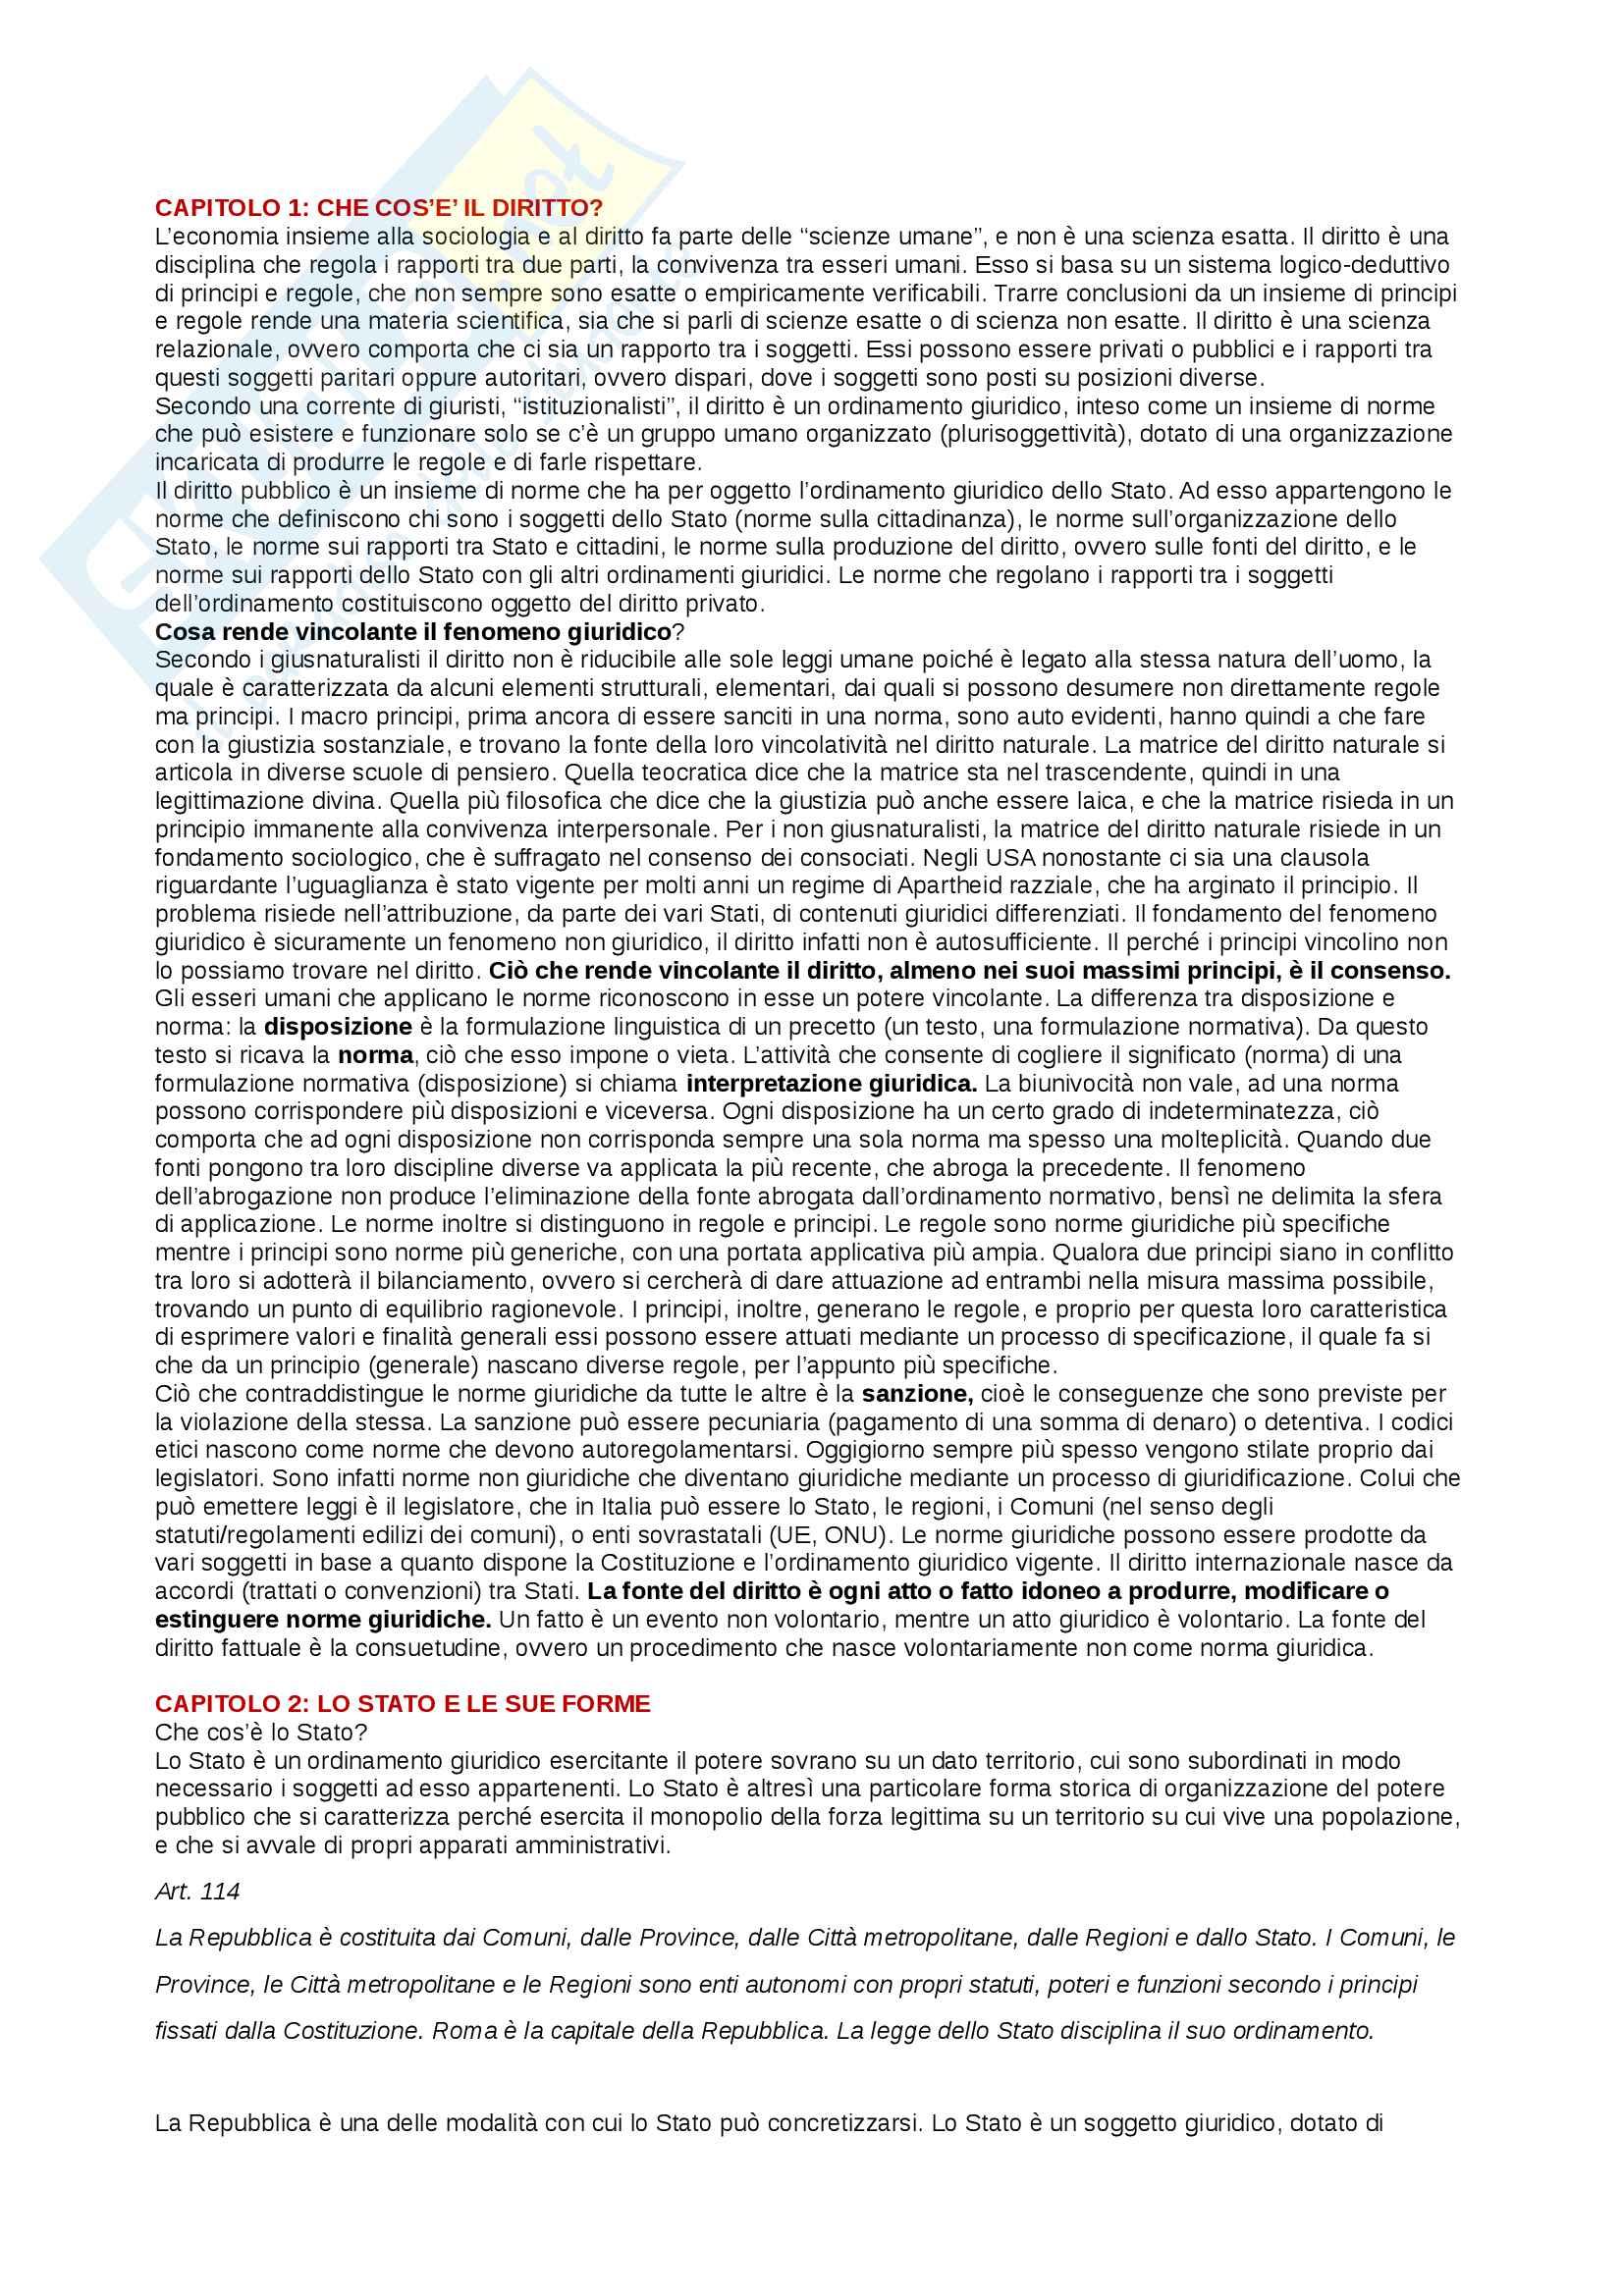 Riassunto esame di Diritto pubblico, Prof. Simonati, testo consigliato Introduzione allo studio del diritto pubblico e delle sue fonti, T. Groppi, A. Simoncini